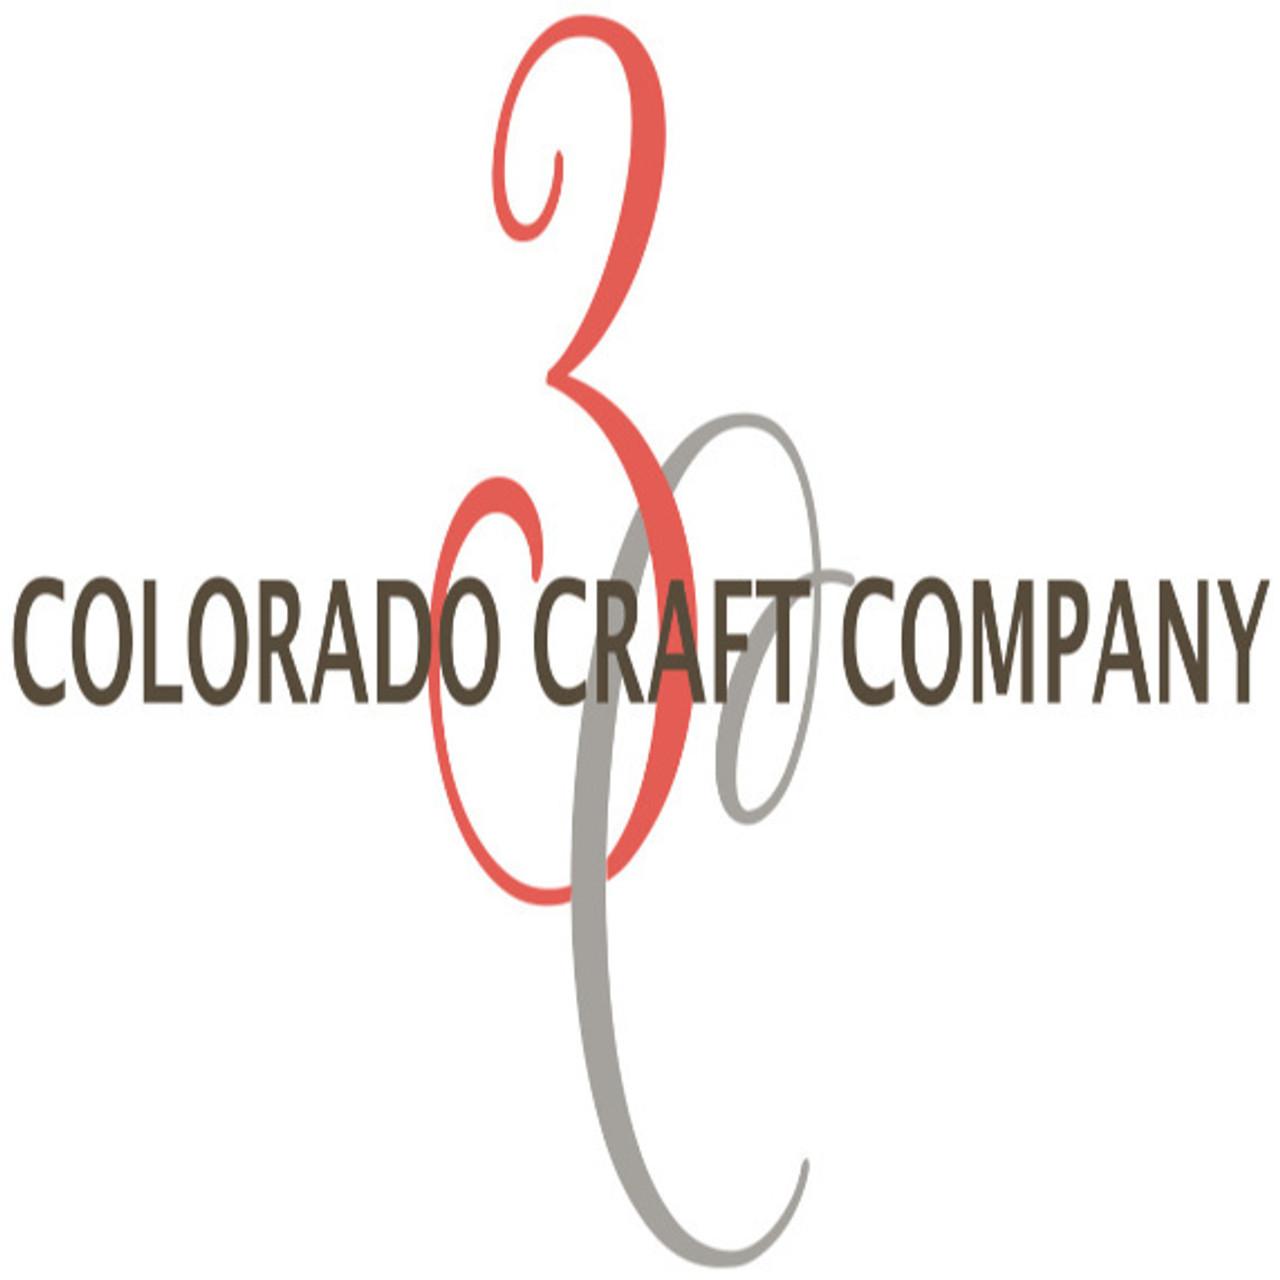 Colorado Craft Company